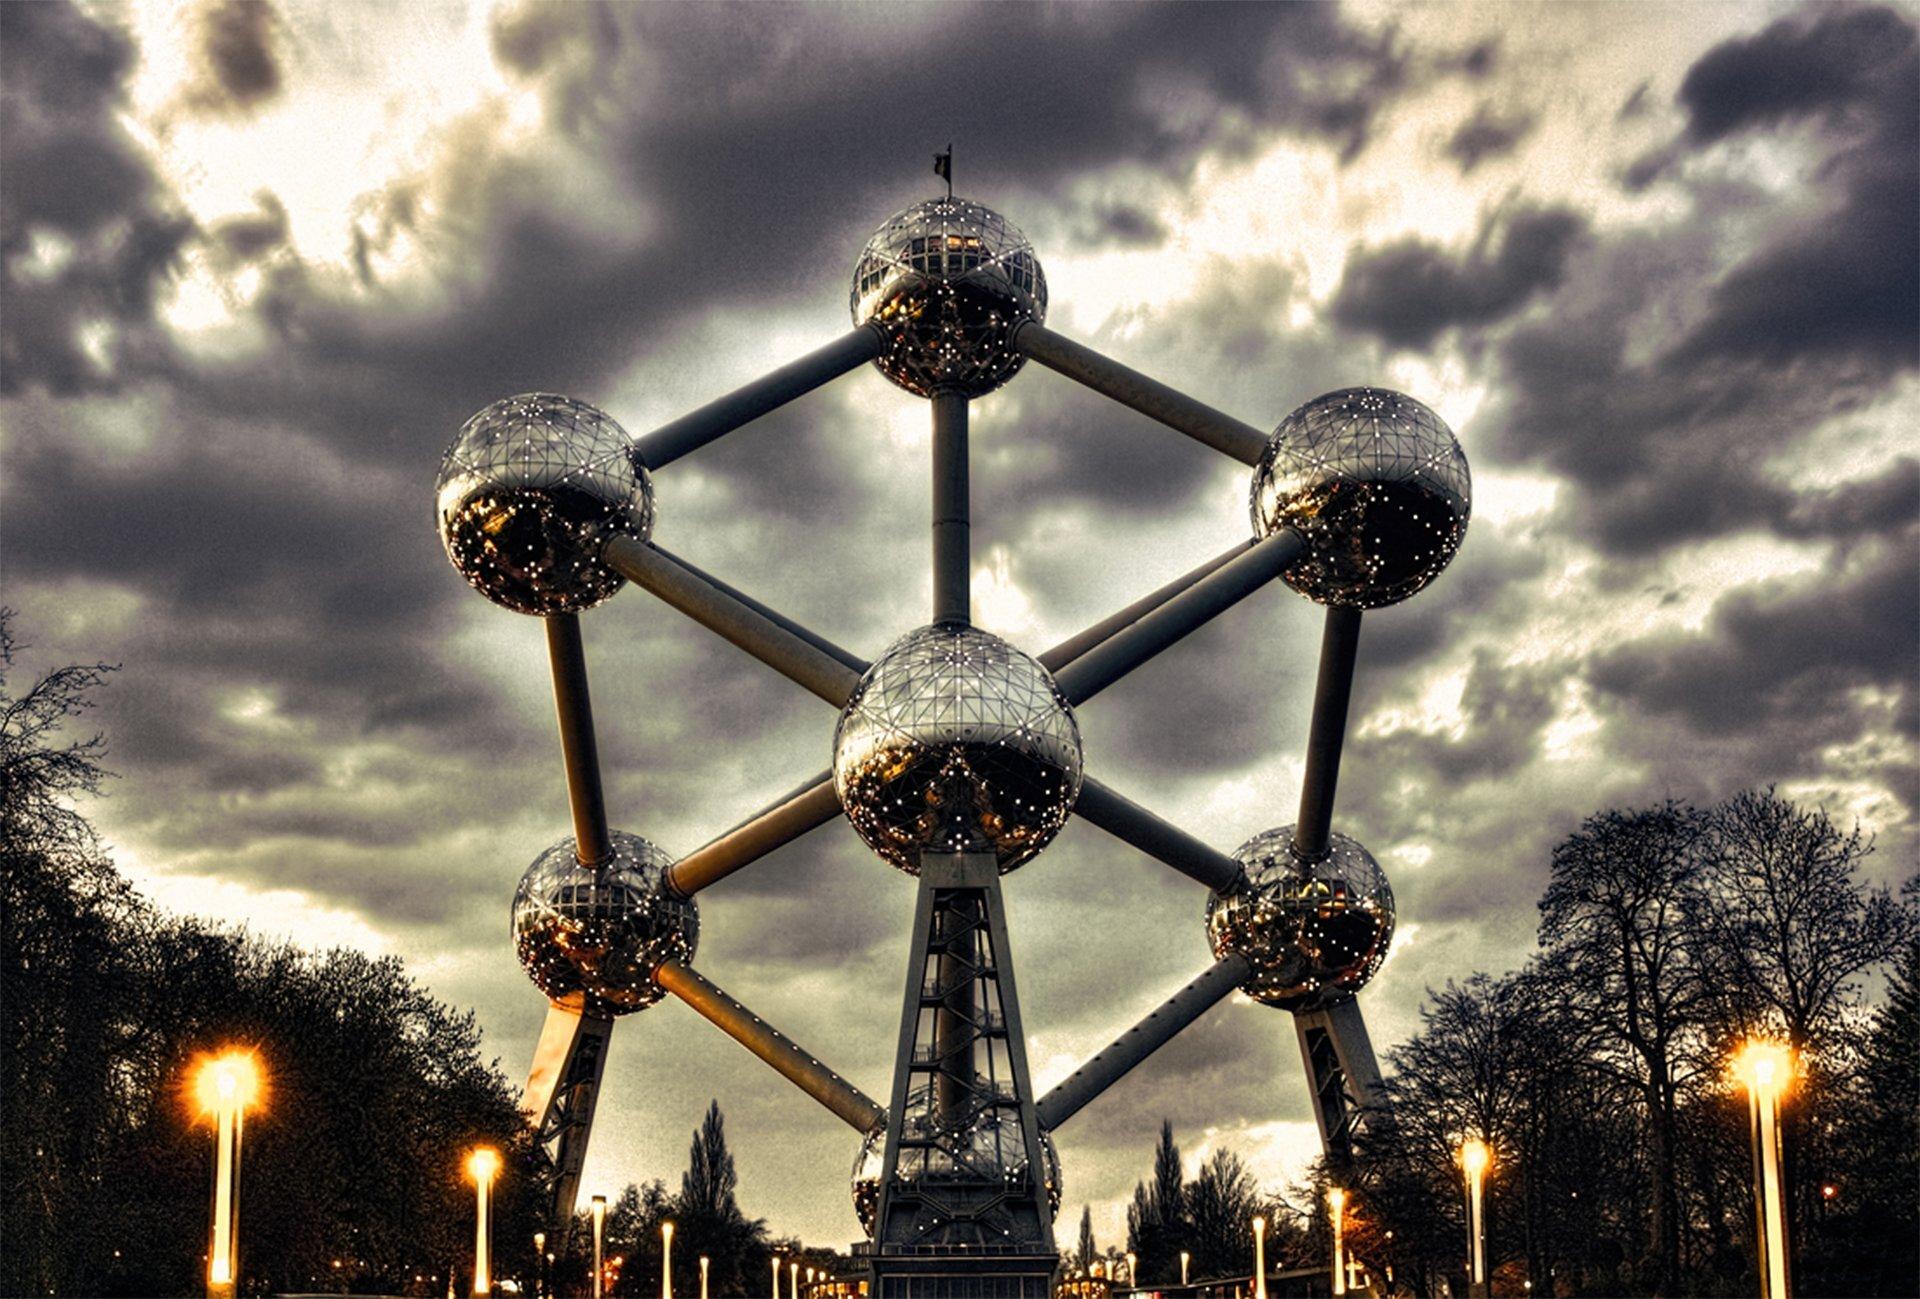 Zdjęcie przedstawia budowlę Atomium składającą się zdziewięciu metalowych kul połączonych ze sobą, zczego na zdjęciu widocznych jest siedem. Zdjęcie wykonano wieczorową porą, przez co od kul odbijają się liczne światła miasta. Na tle Atomium rozpościera się niebo pokryte burzowymi chmurami, poniżej znajdują się drzewa ilatarnie uliczne.